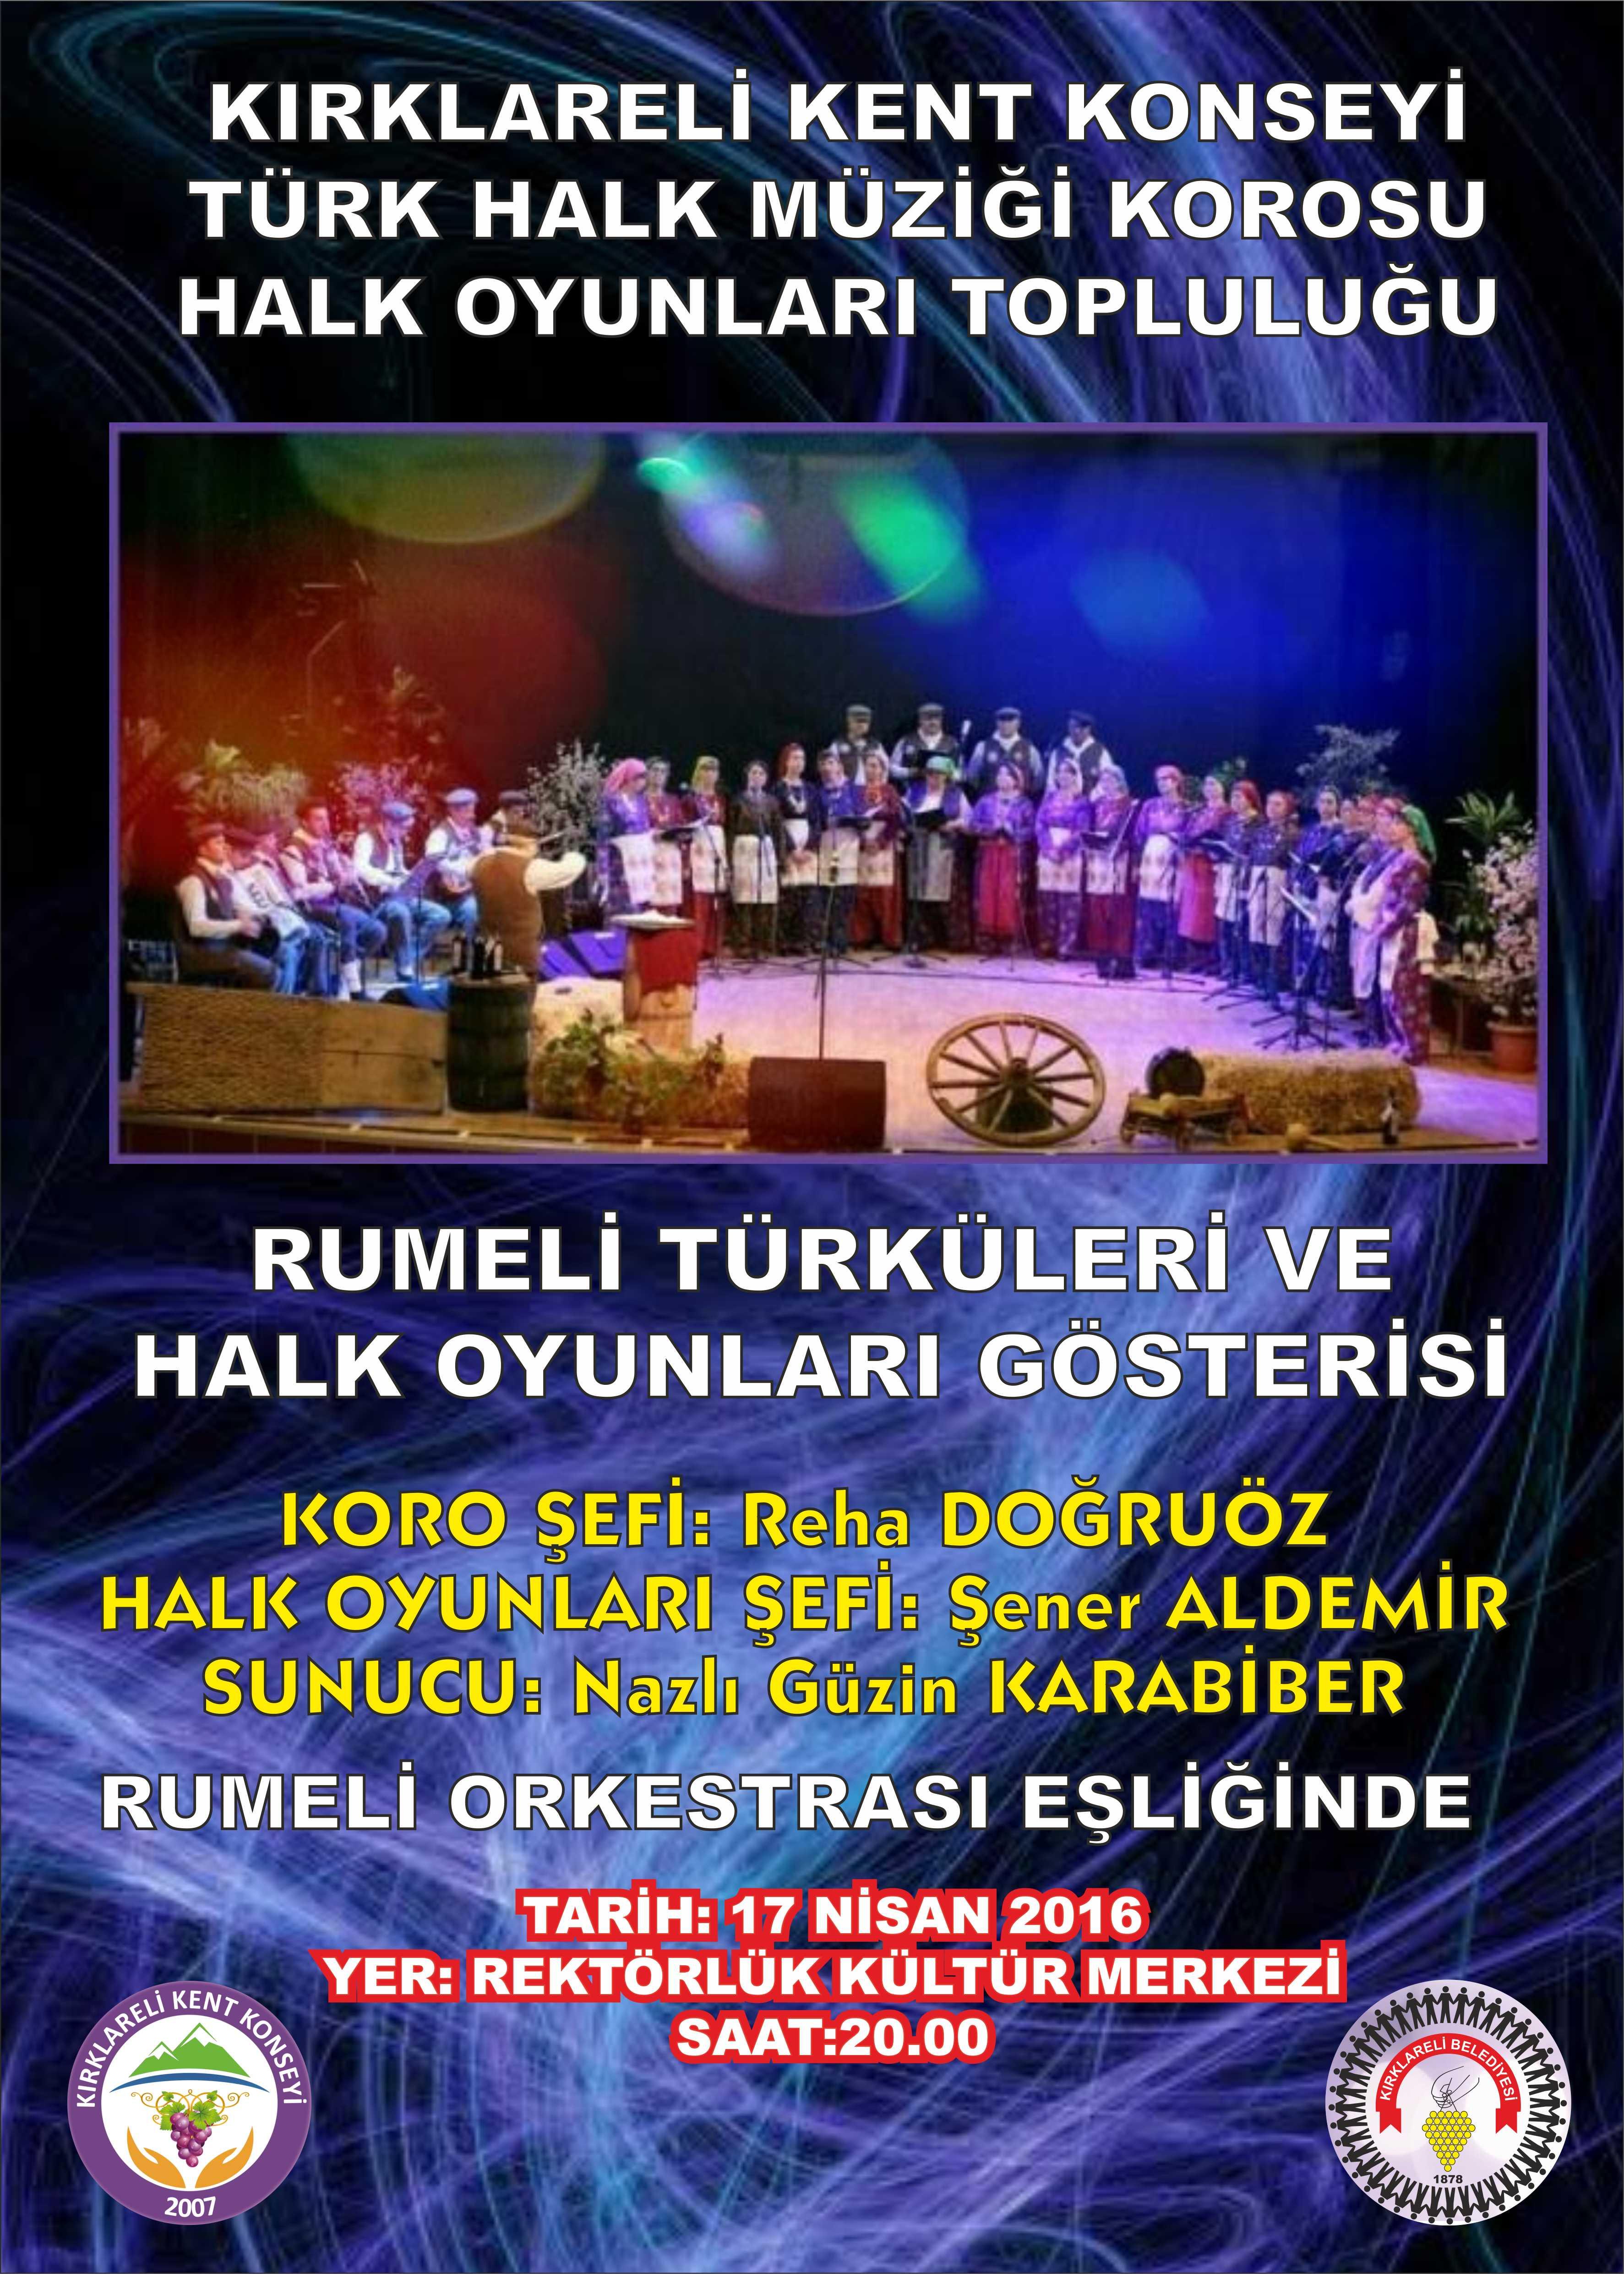 Kırklareli Kent Konseyi Türk Halk Müziği Korosu ve Halk Oyunları Topluluğu Gösterisi Duyuru Afişi